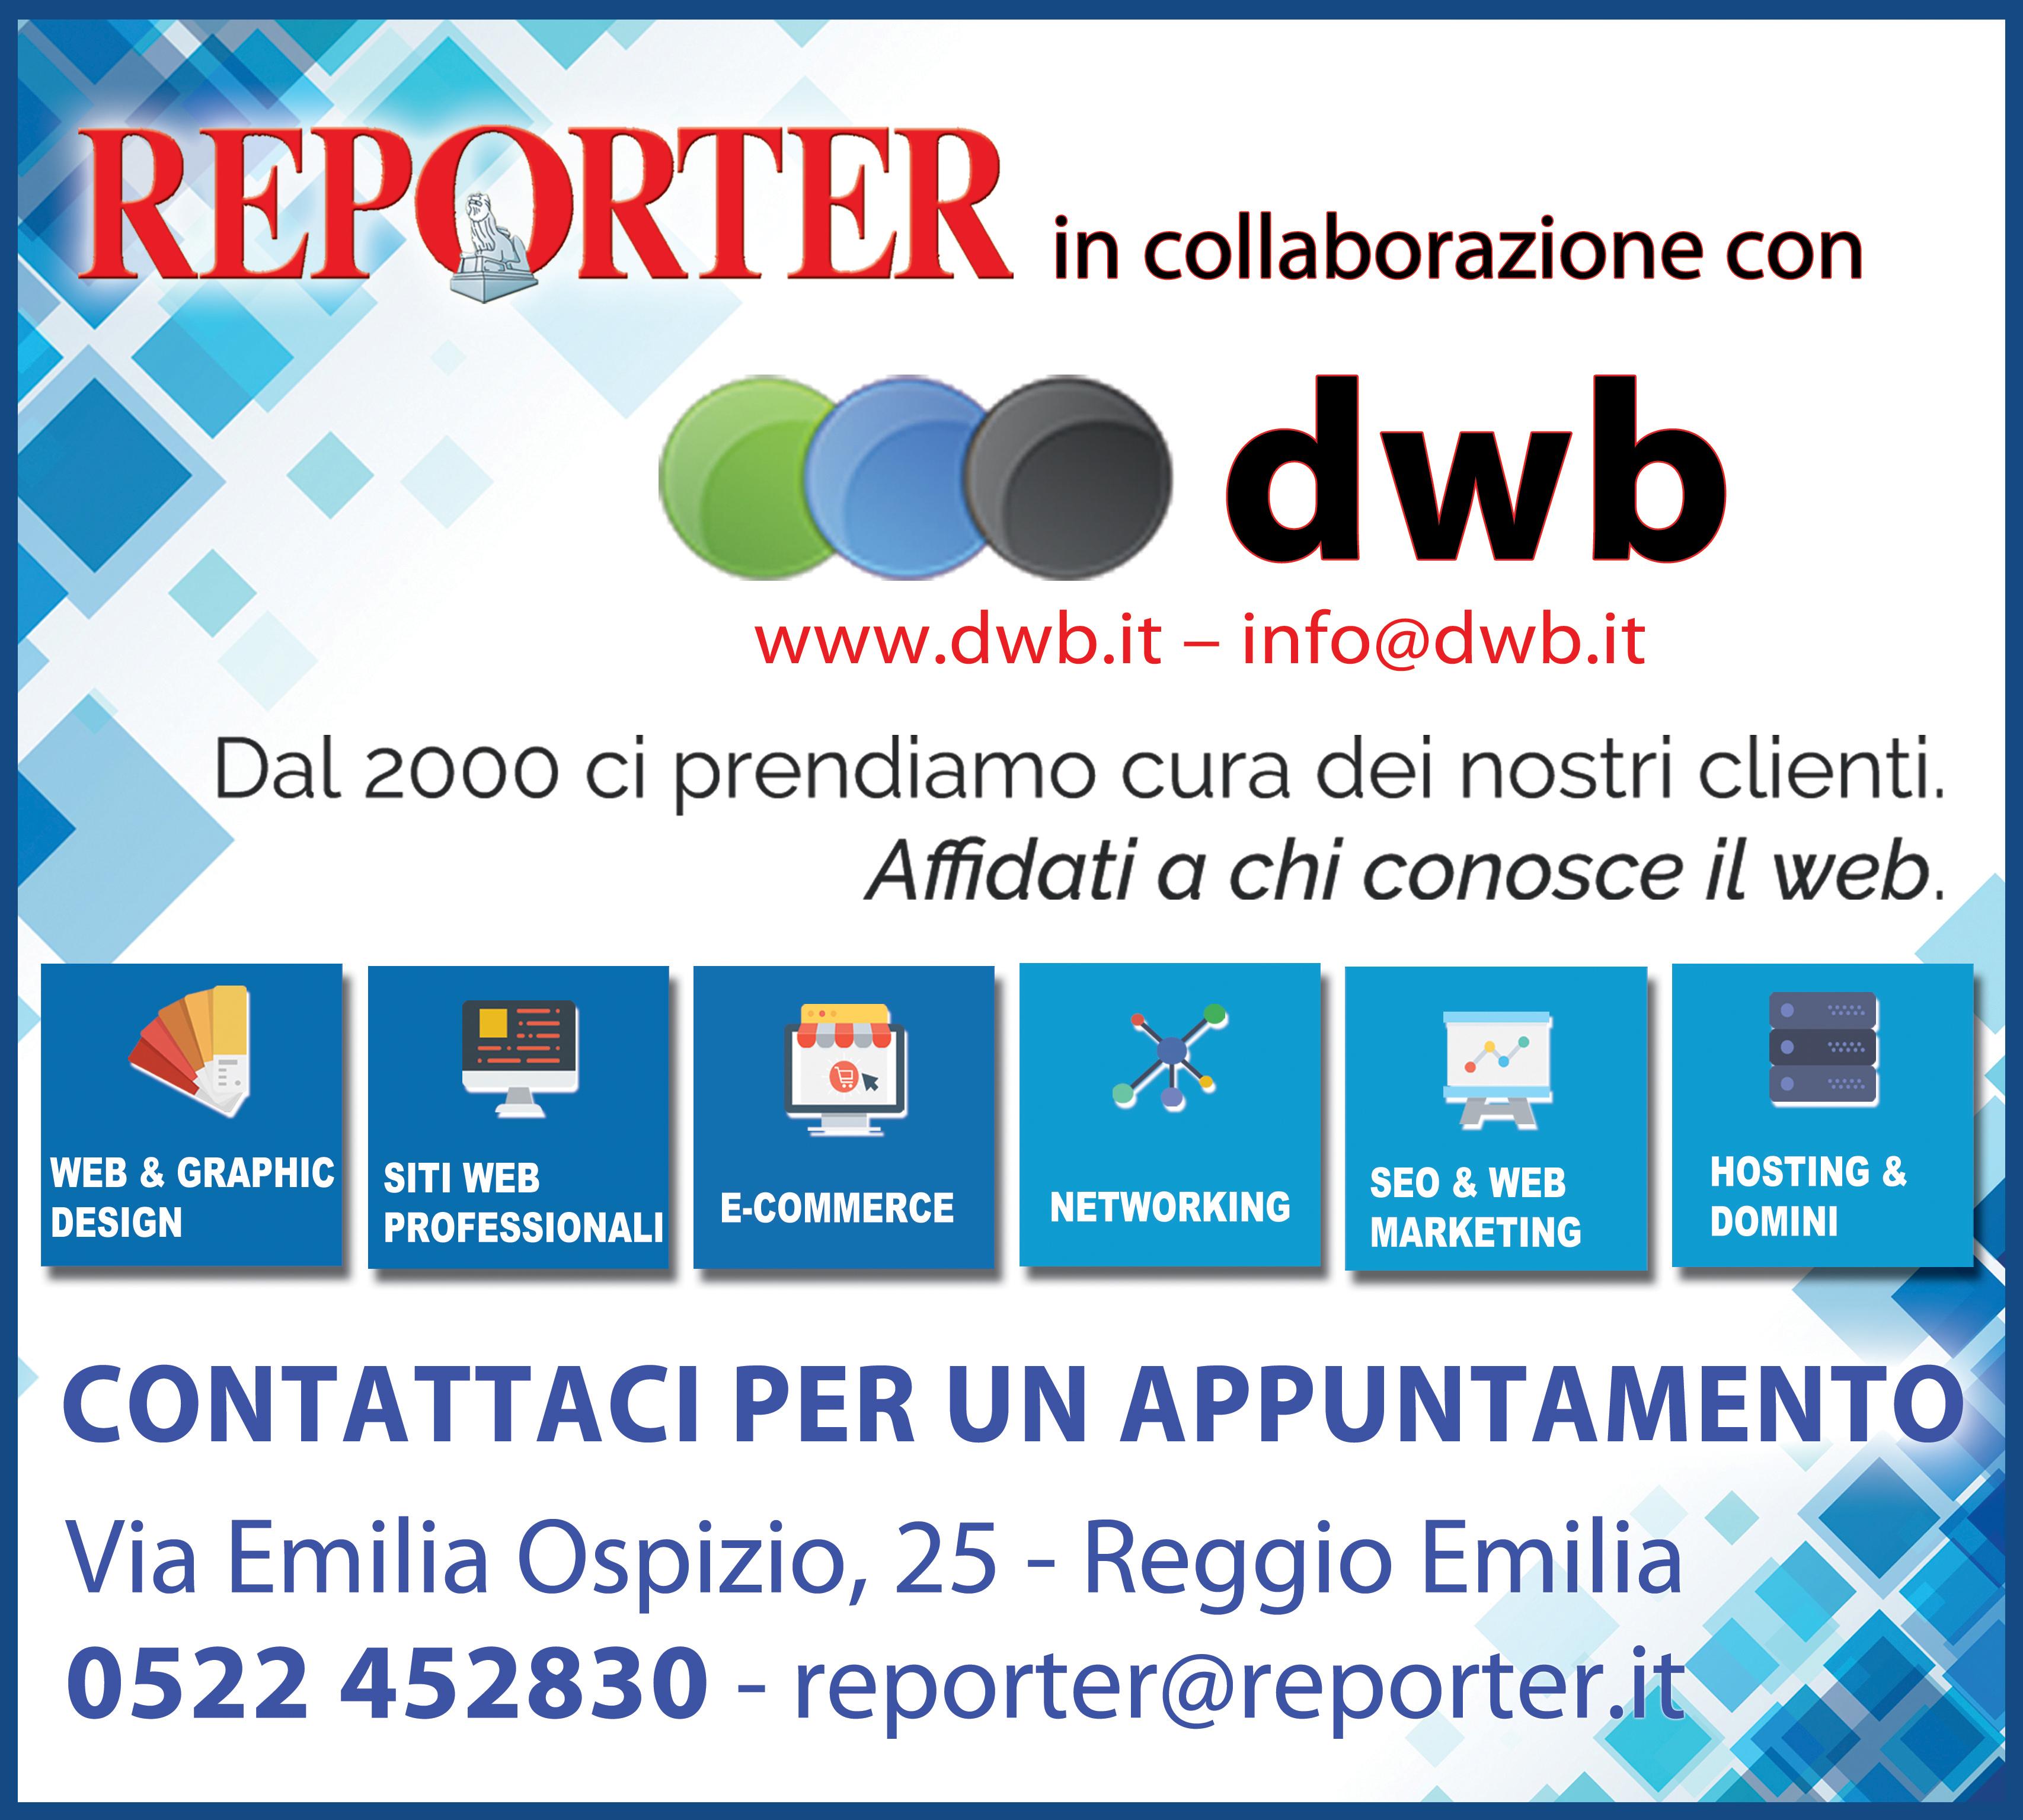 REPORTER in collaborazione con DWB